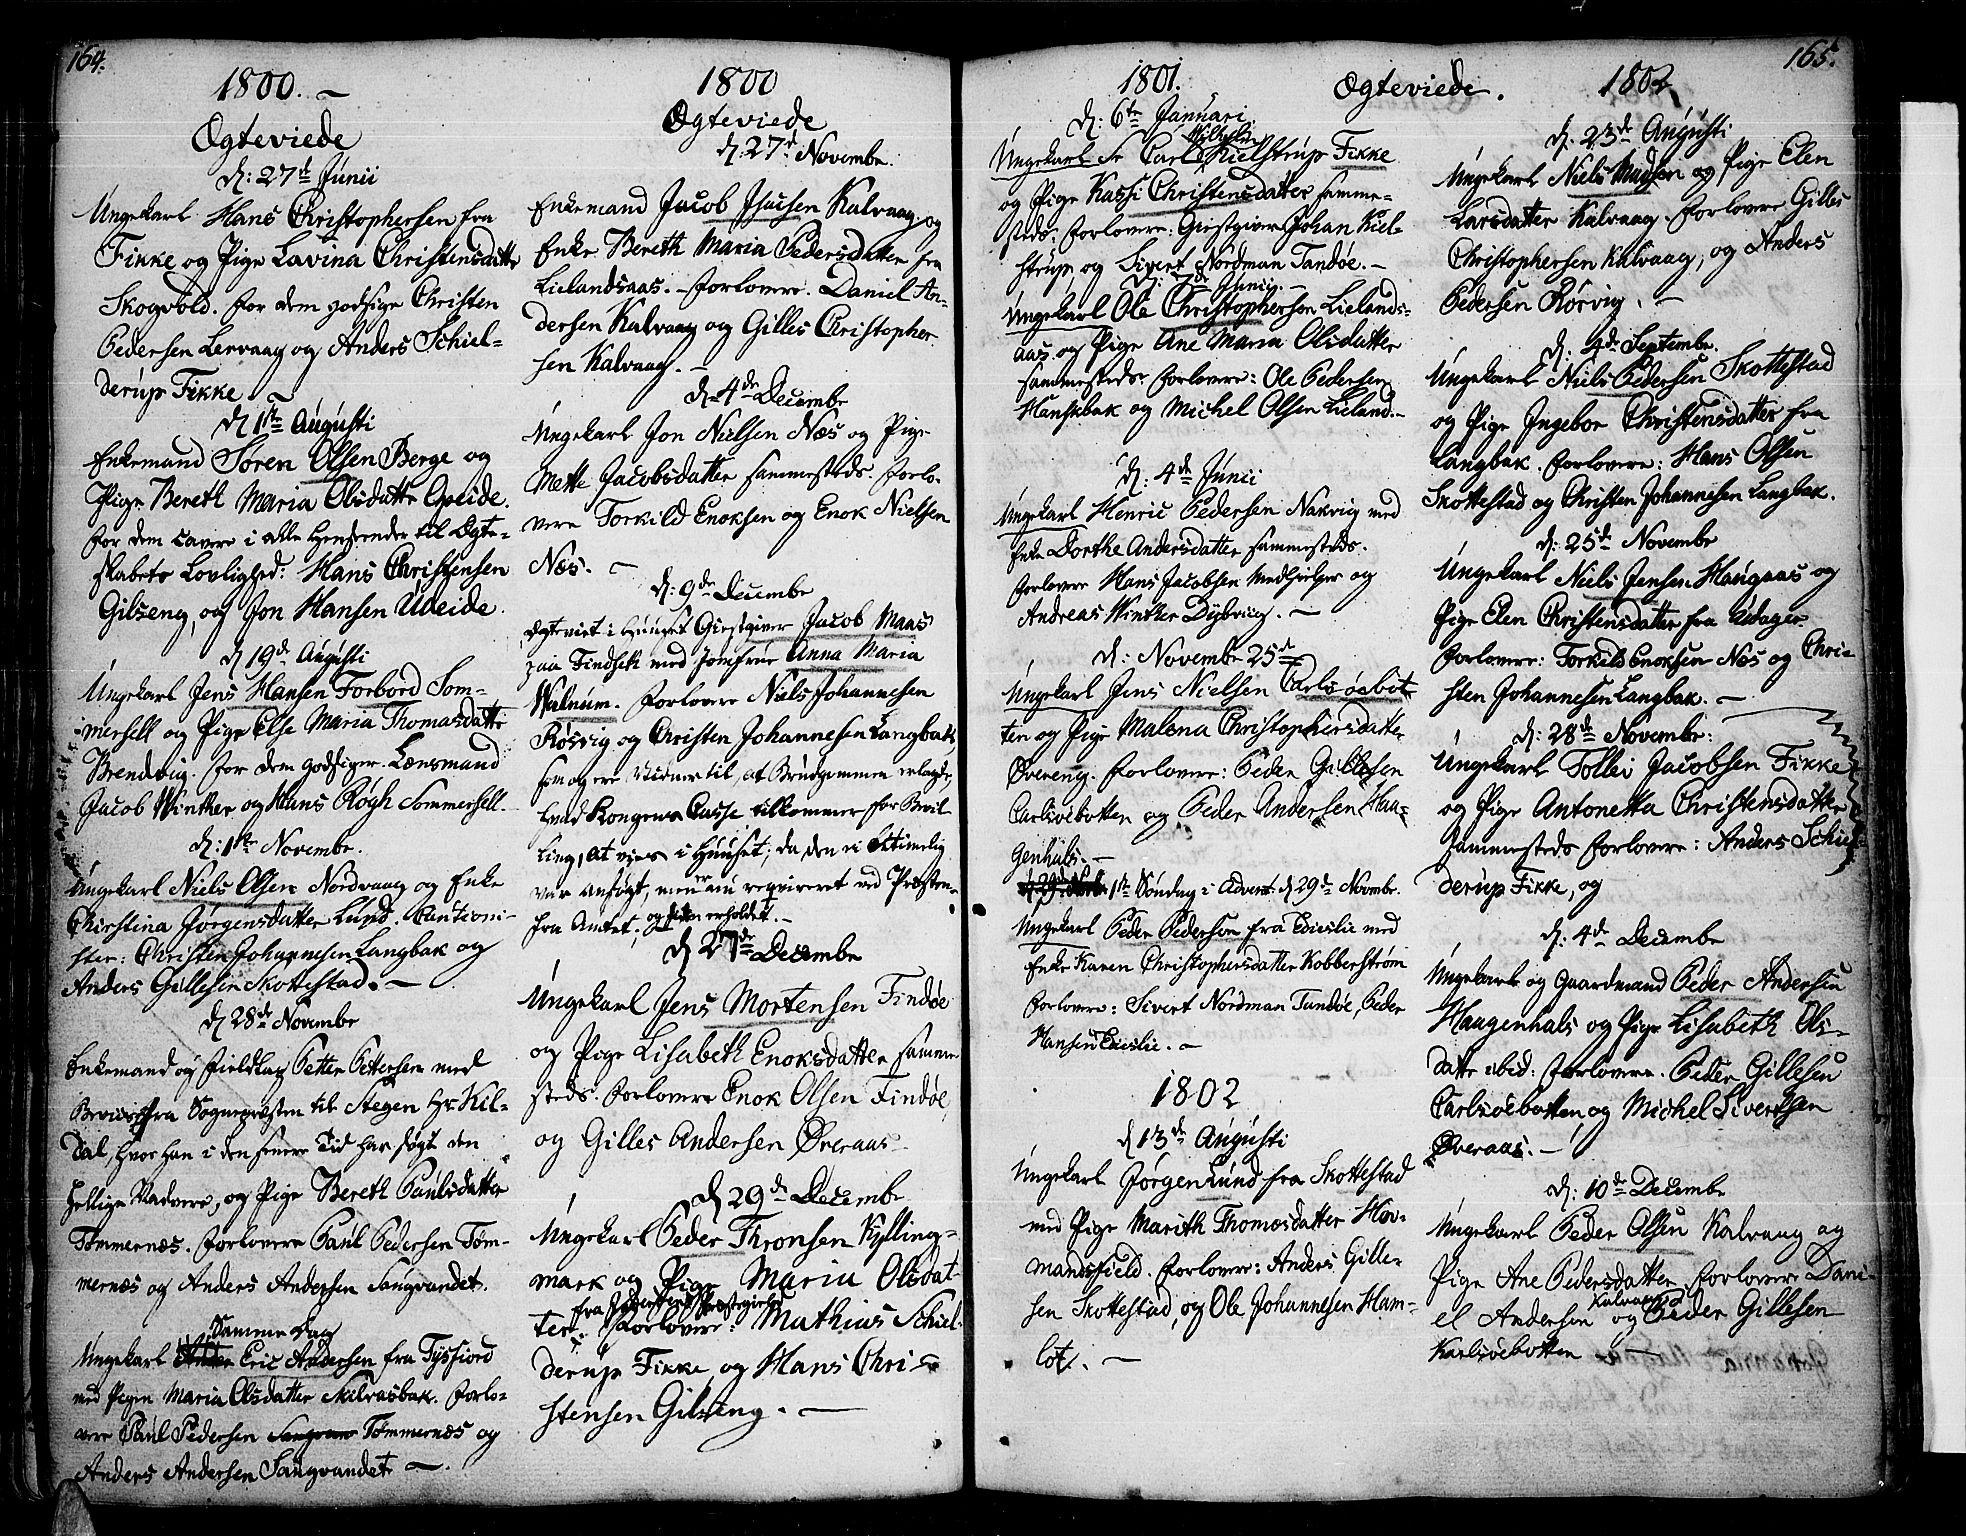 SAT, Ministerialprotokoller, klokkerbøker og fødselsregistre - Nordland, 859/L0841: Parish register (official) no. 859A01, 1766-1821, p. 164-165